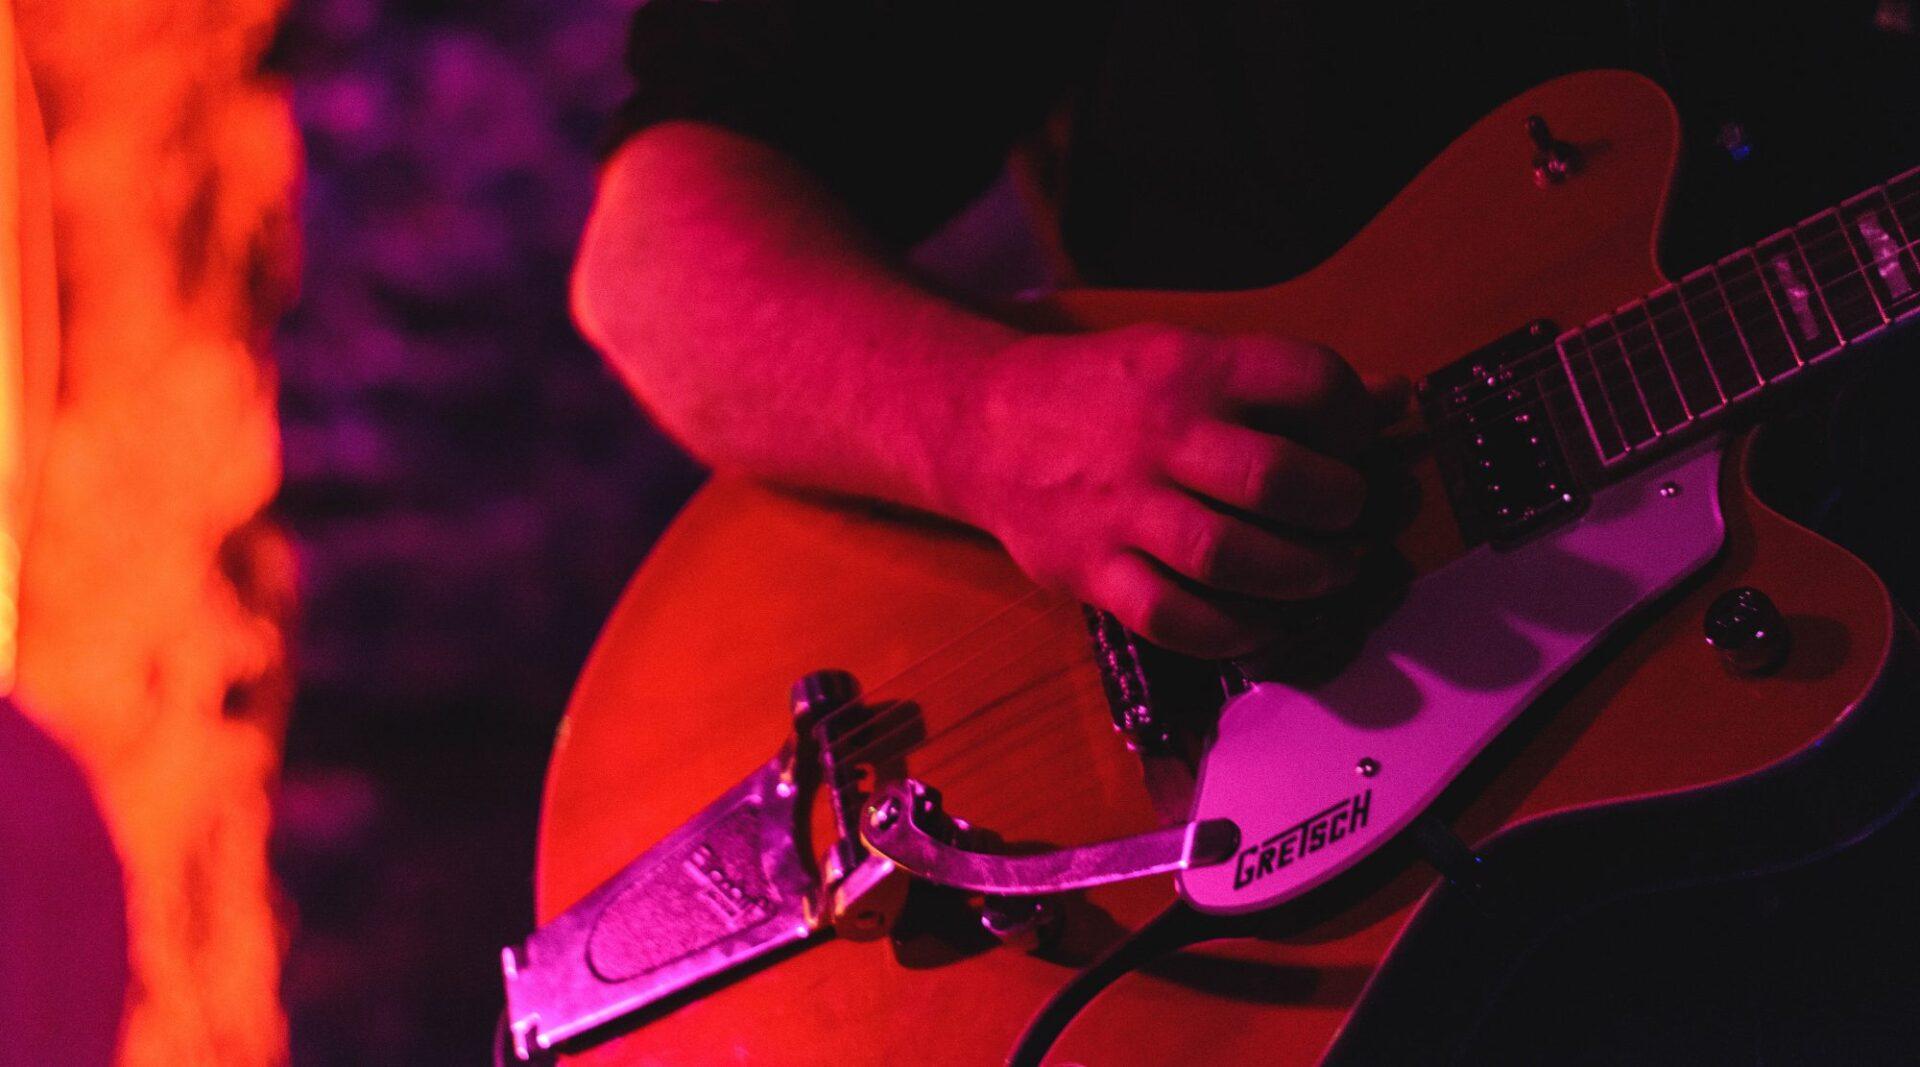 La santé mentale et physique des musiciens à risque